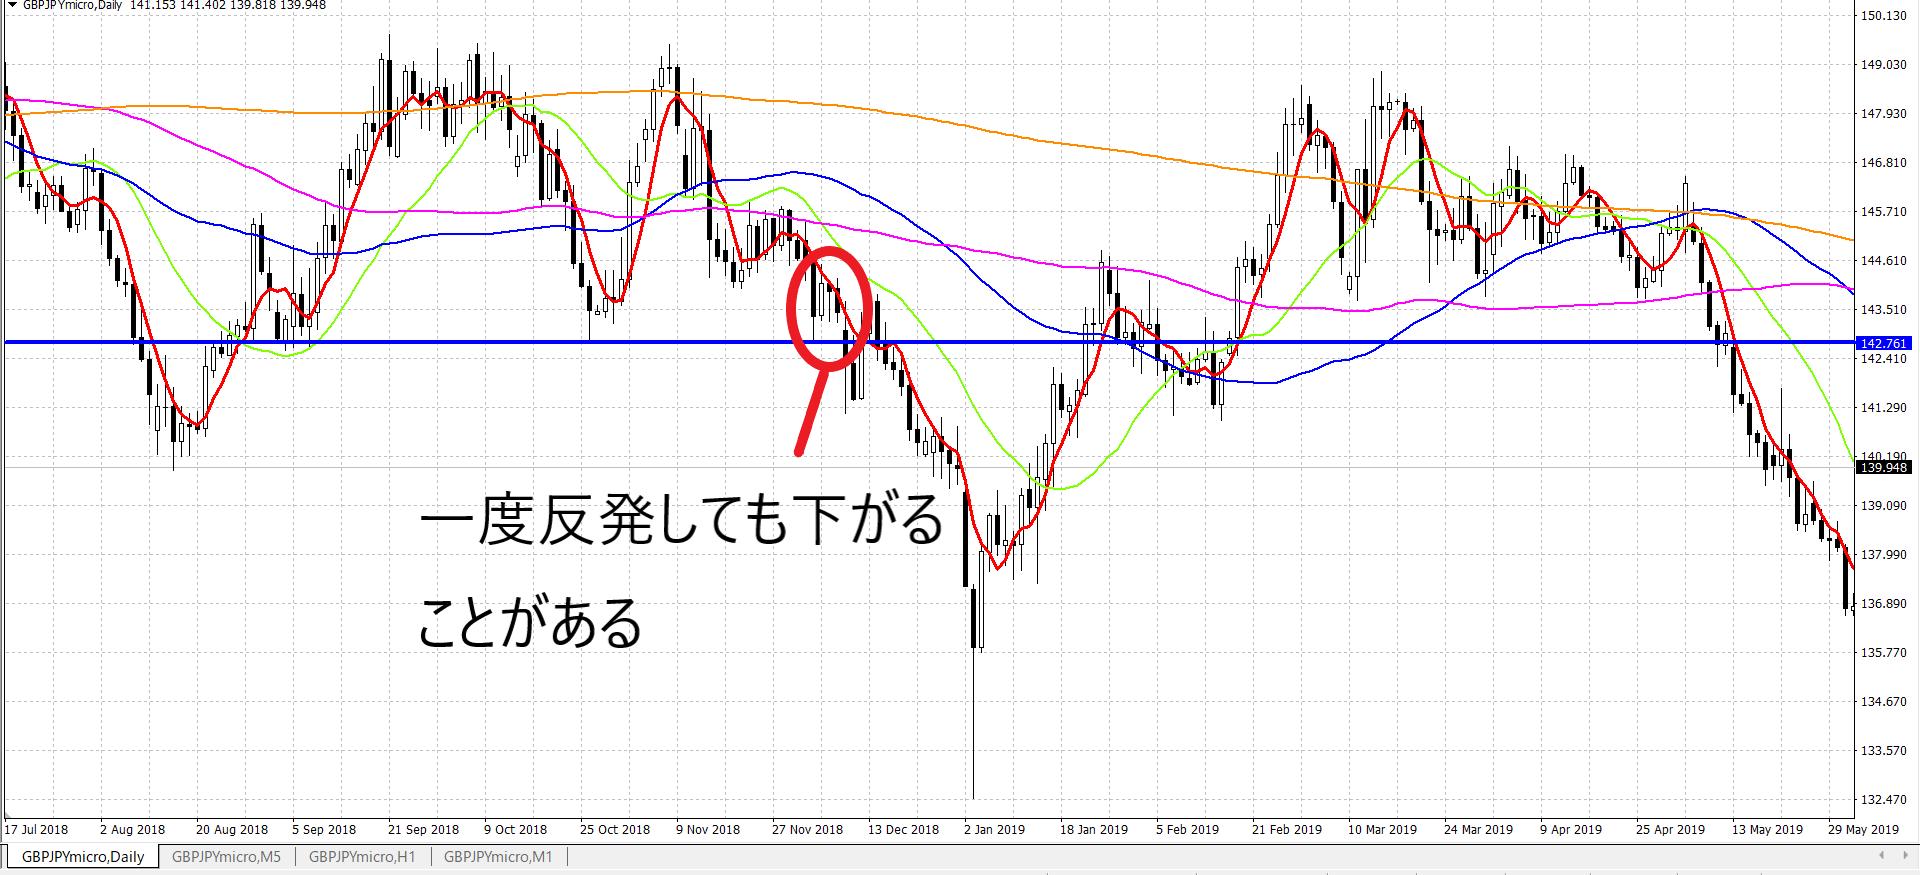 """<img src=""""f2214fbc1d3f5b582d2bb91ecab4c4c5.png"""" alt=""""ポンド円 ダブルボトム チャート説明 下落パターン"""">"""